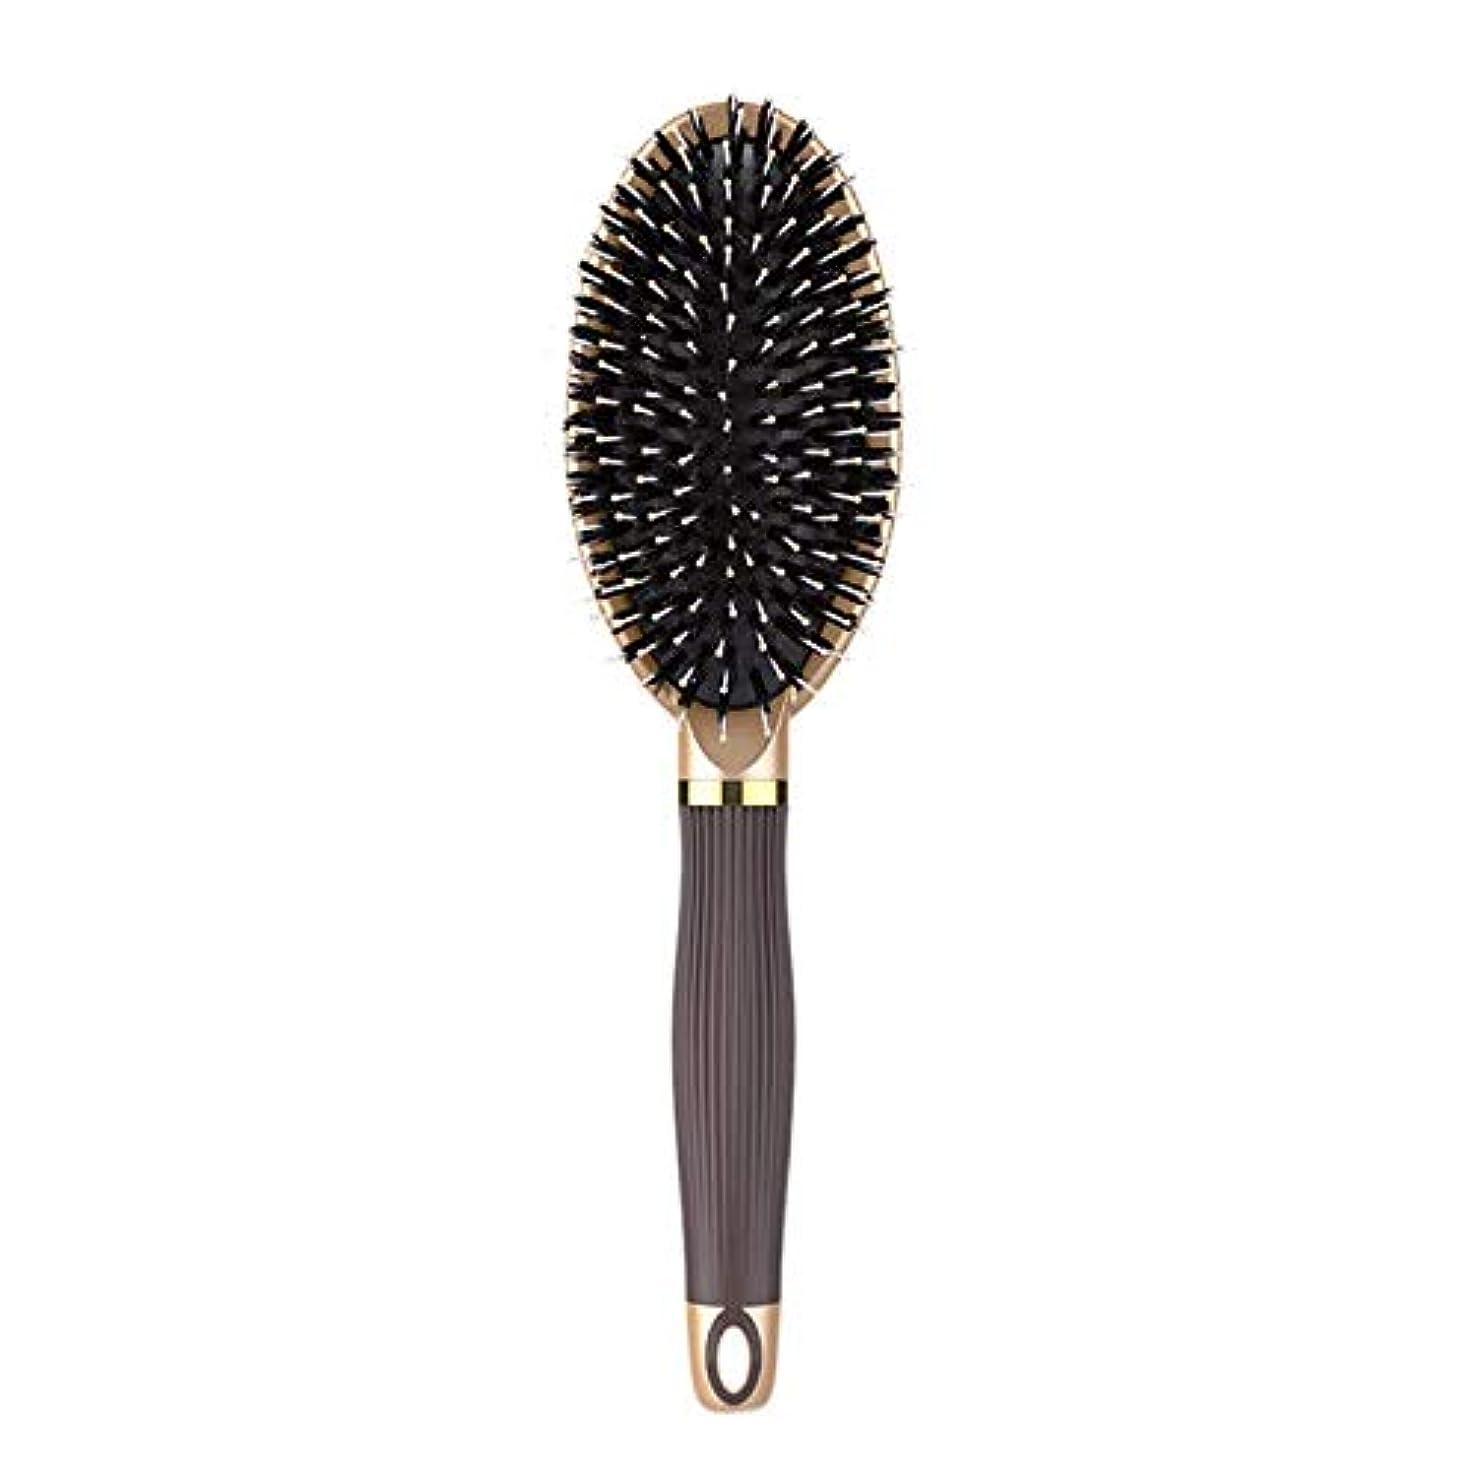 略す維持頭TOOGOO ヘアブラシイノシシ剛毛ヘアブラシと濡れた髪または乾いた髪に最適な作品髪を矯正して滑らかにするためにデザイン 女性&男性用